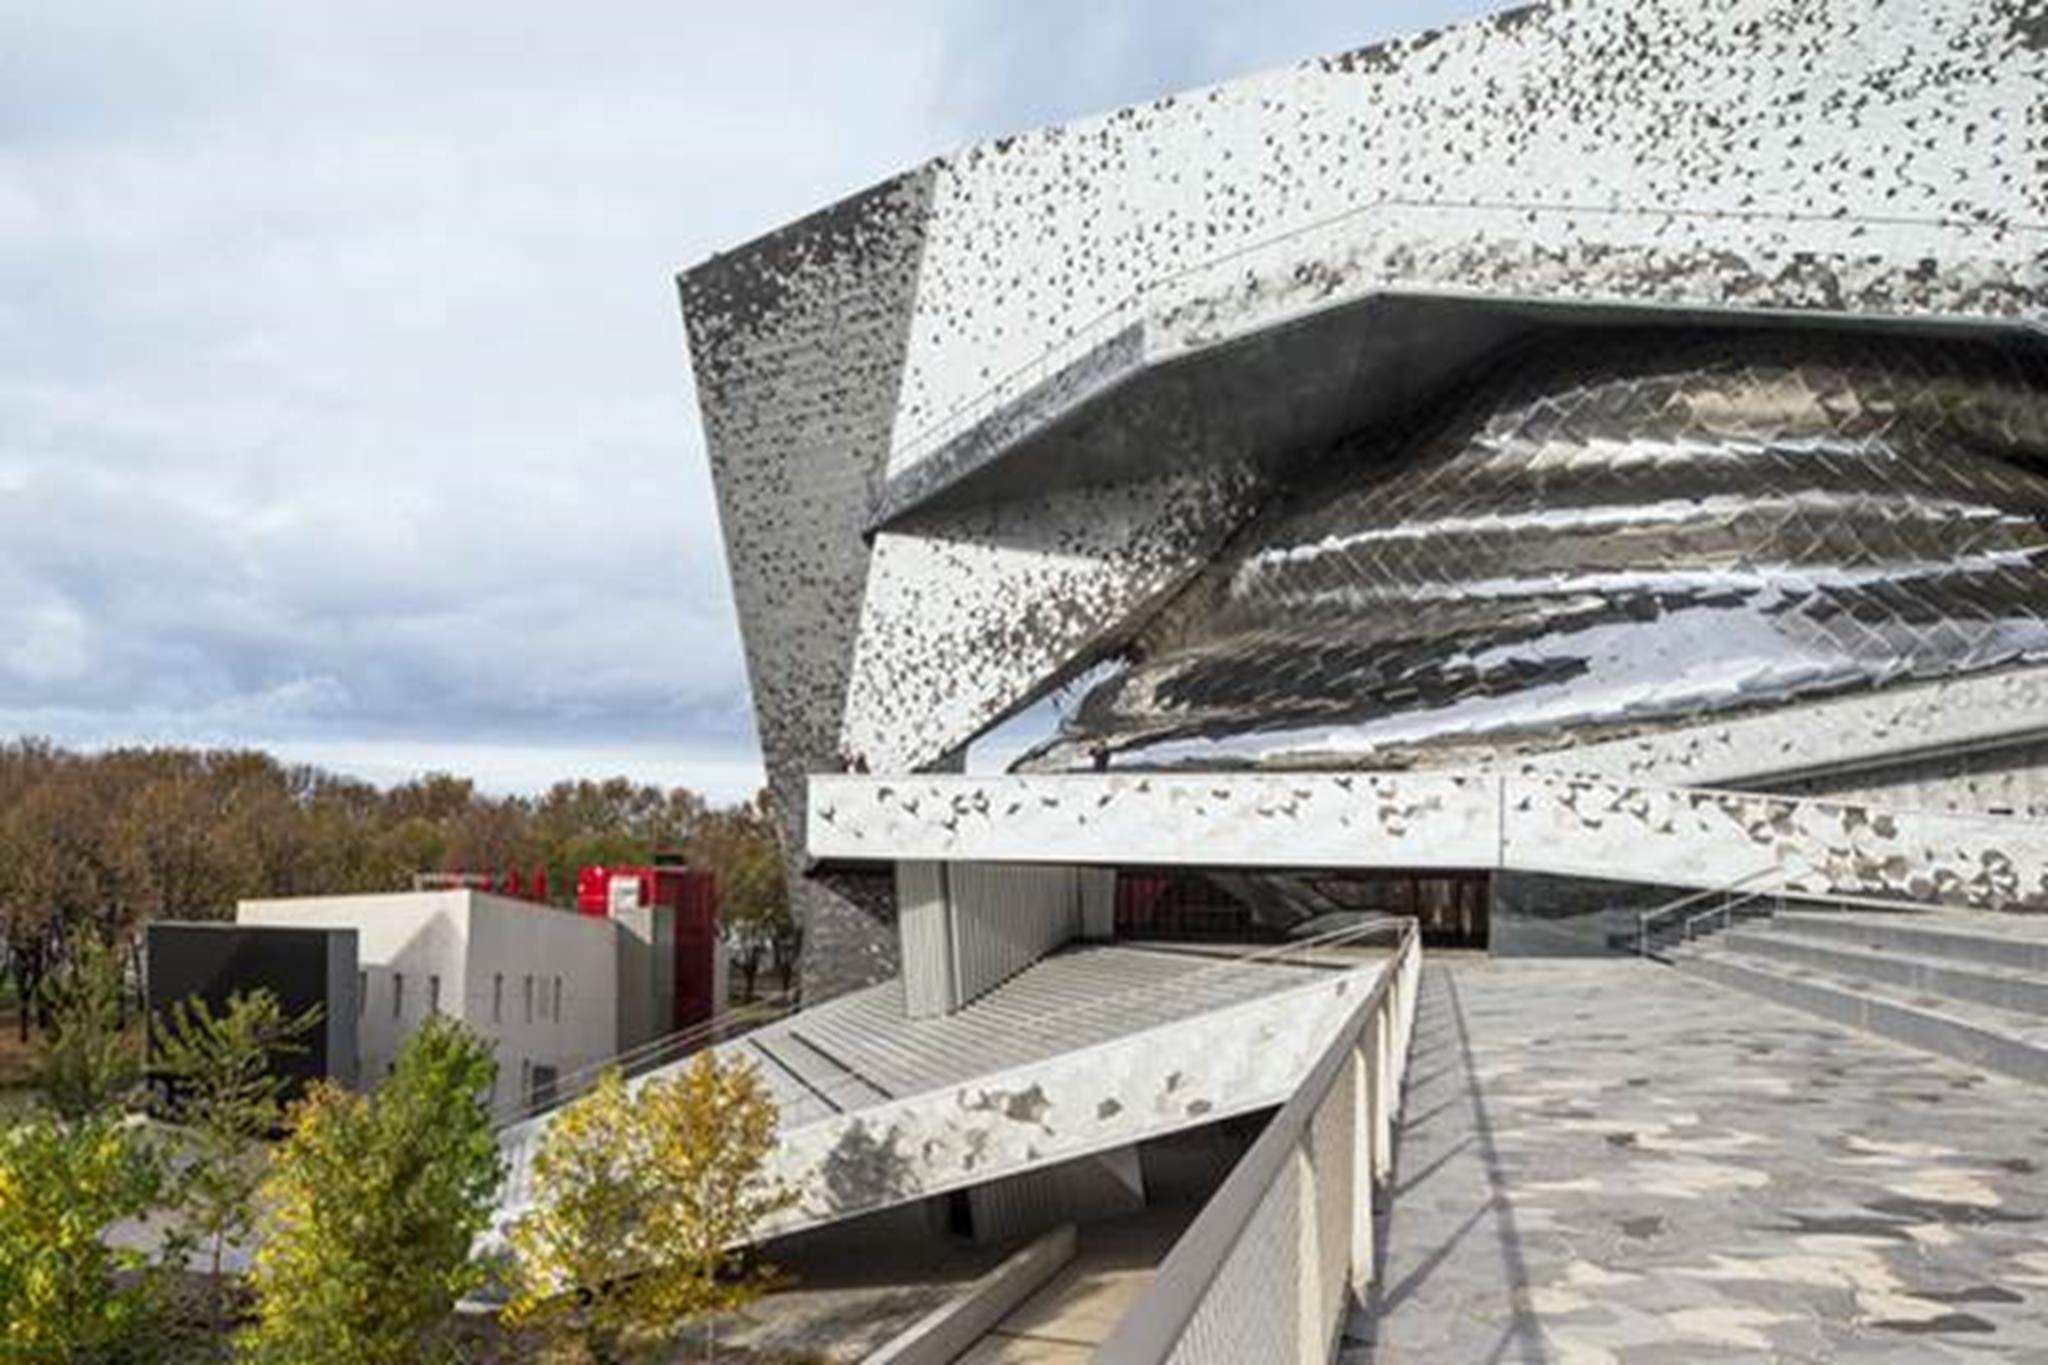 Tòa nhà được hình thành như một phòng hòa nhạc lớn đầu tiên của Thủ đô nước Pháp.